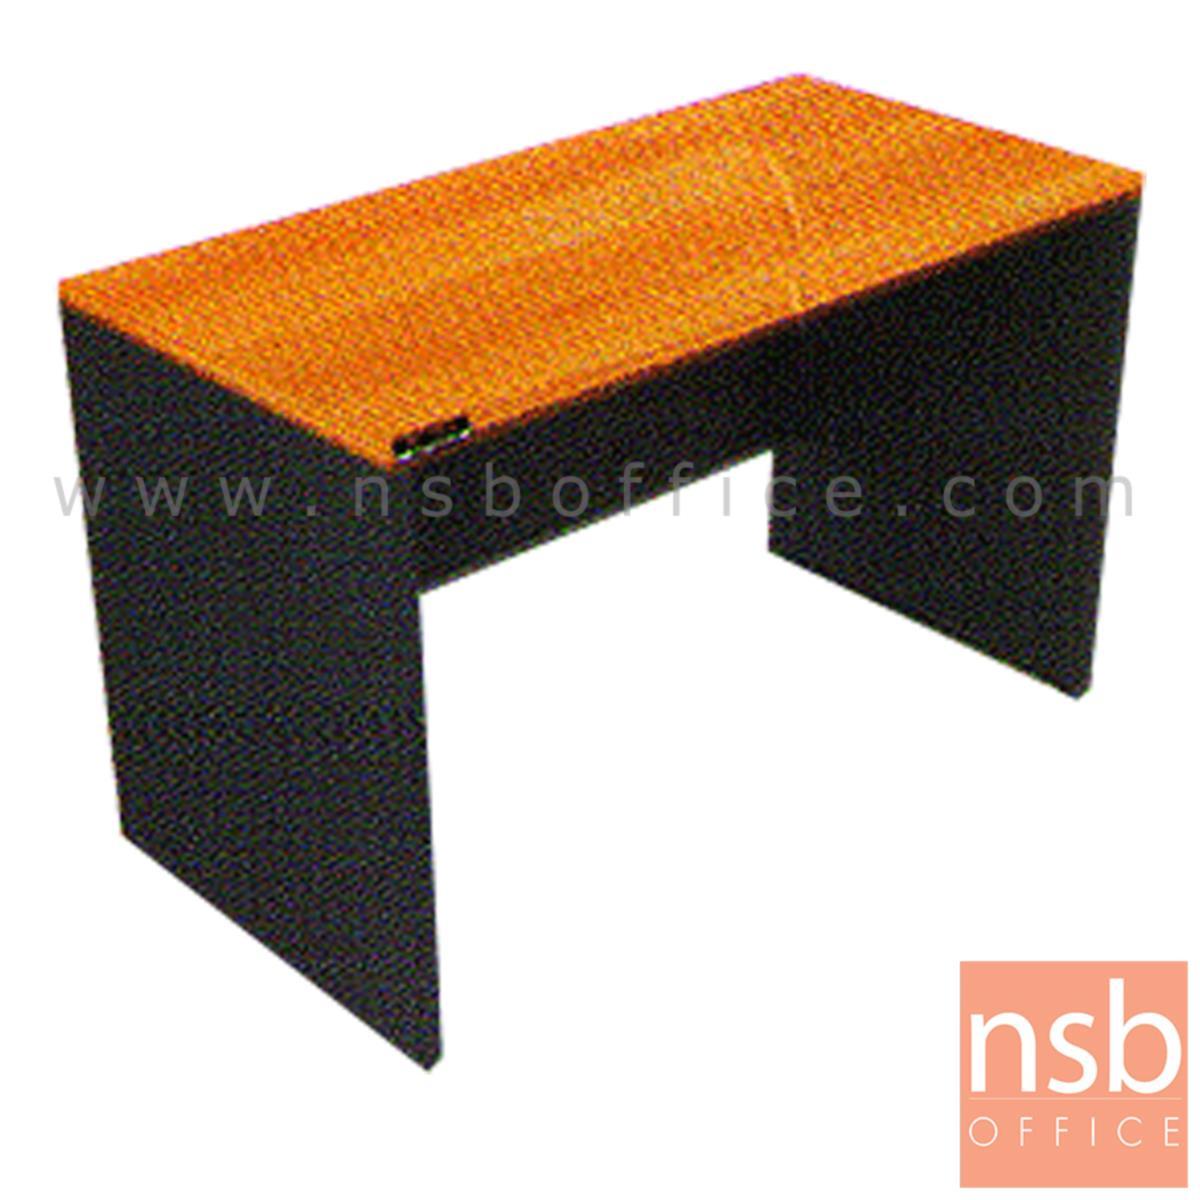 โต๊ะผู้บริหารทรงสี่เหลี่ยมใหญ่พิเศษ  ขนาด 200W cm. เมลามีน ขาโต๊ะมีปุ่มปรับระดับ